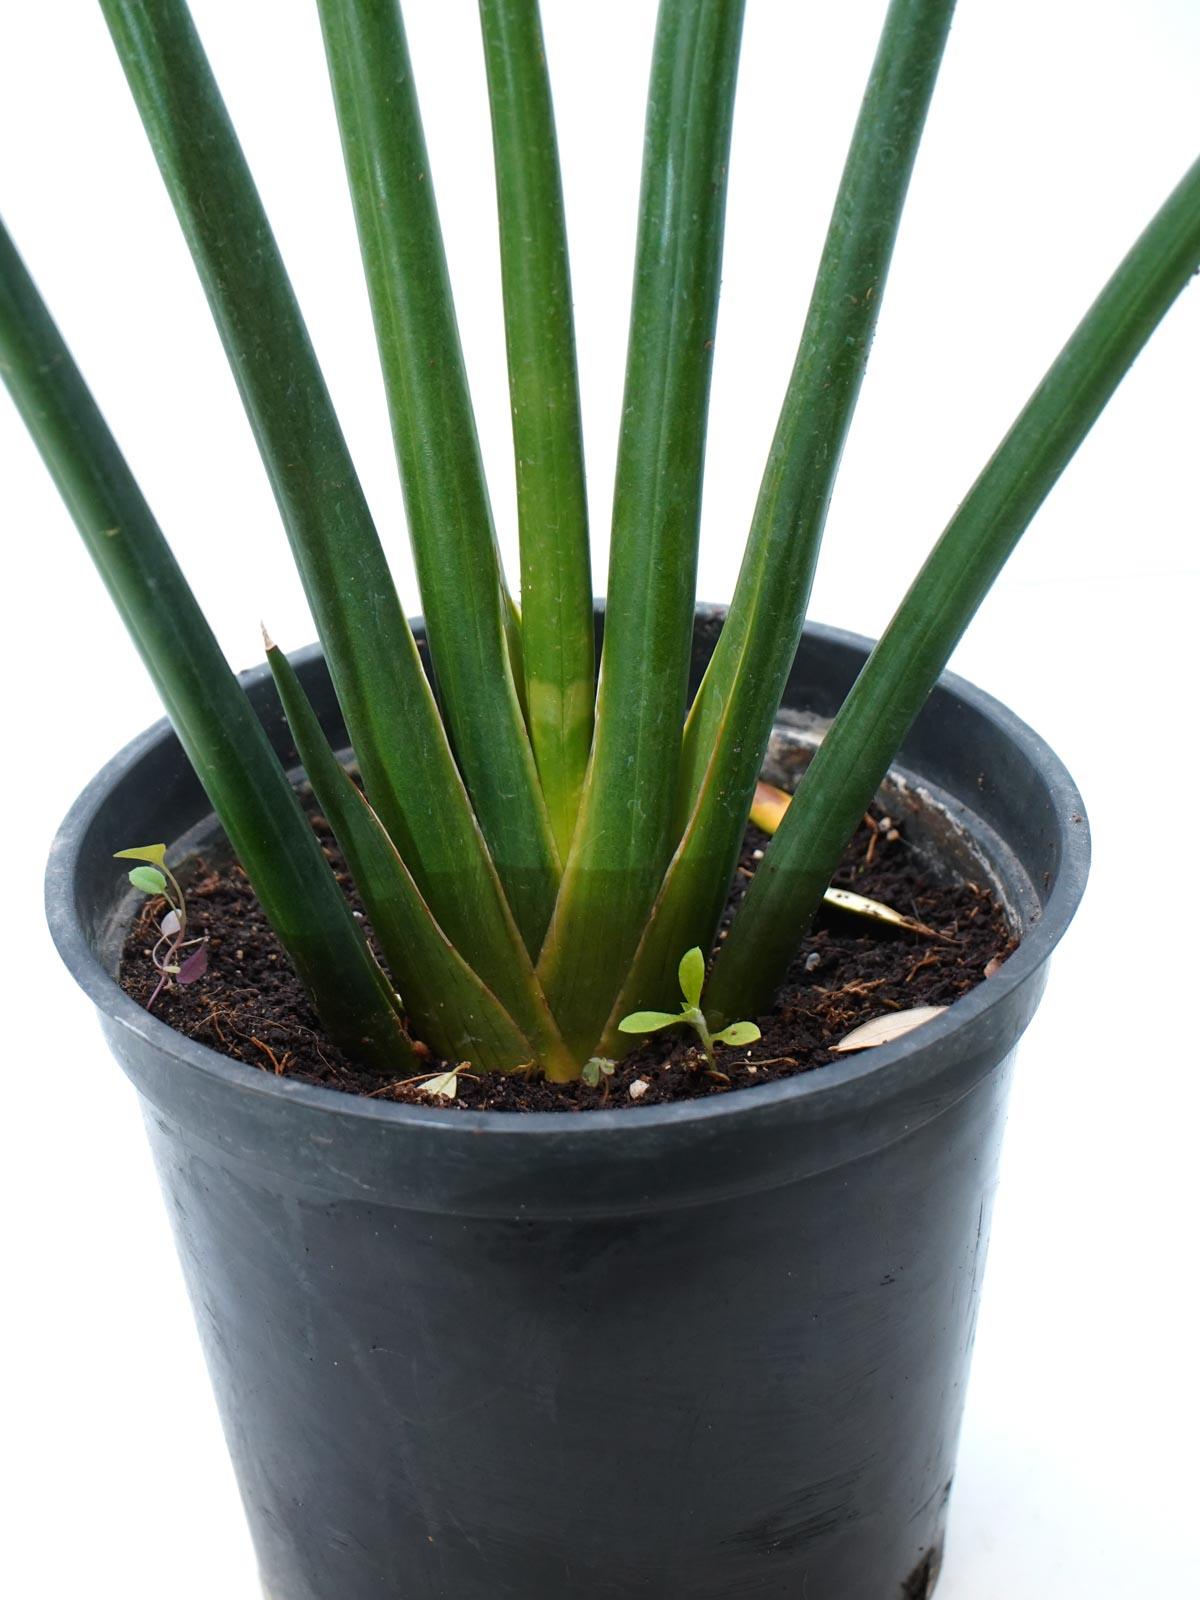 سانسيفيريا سيليندريكا 'نباتات داخلية عصاري